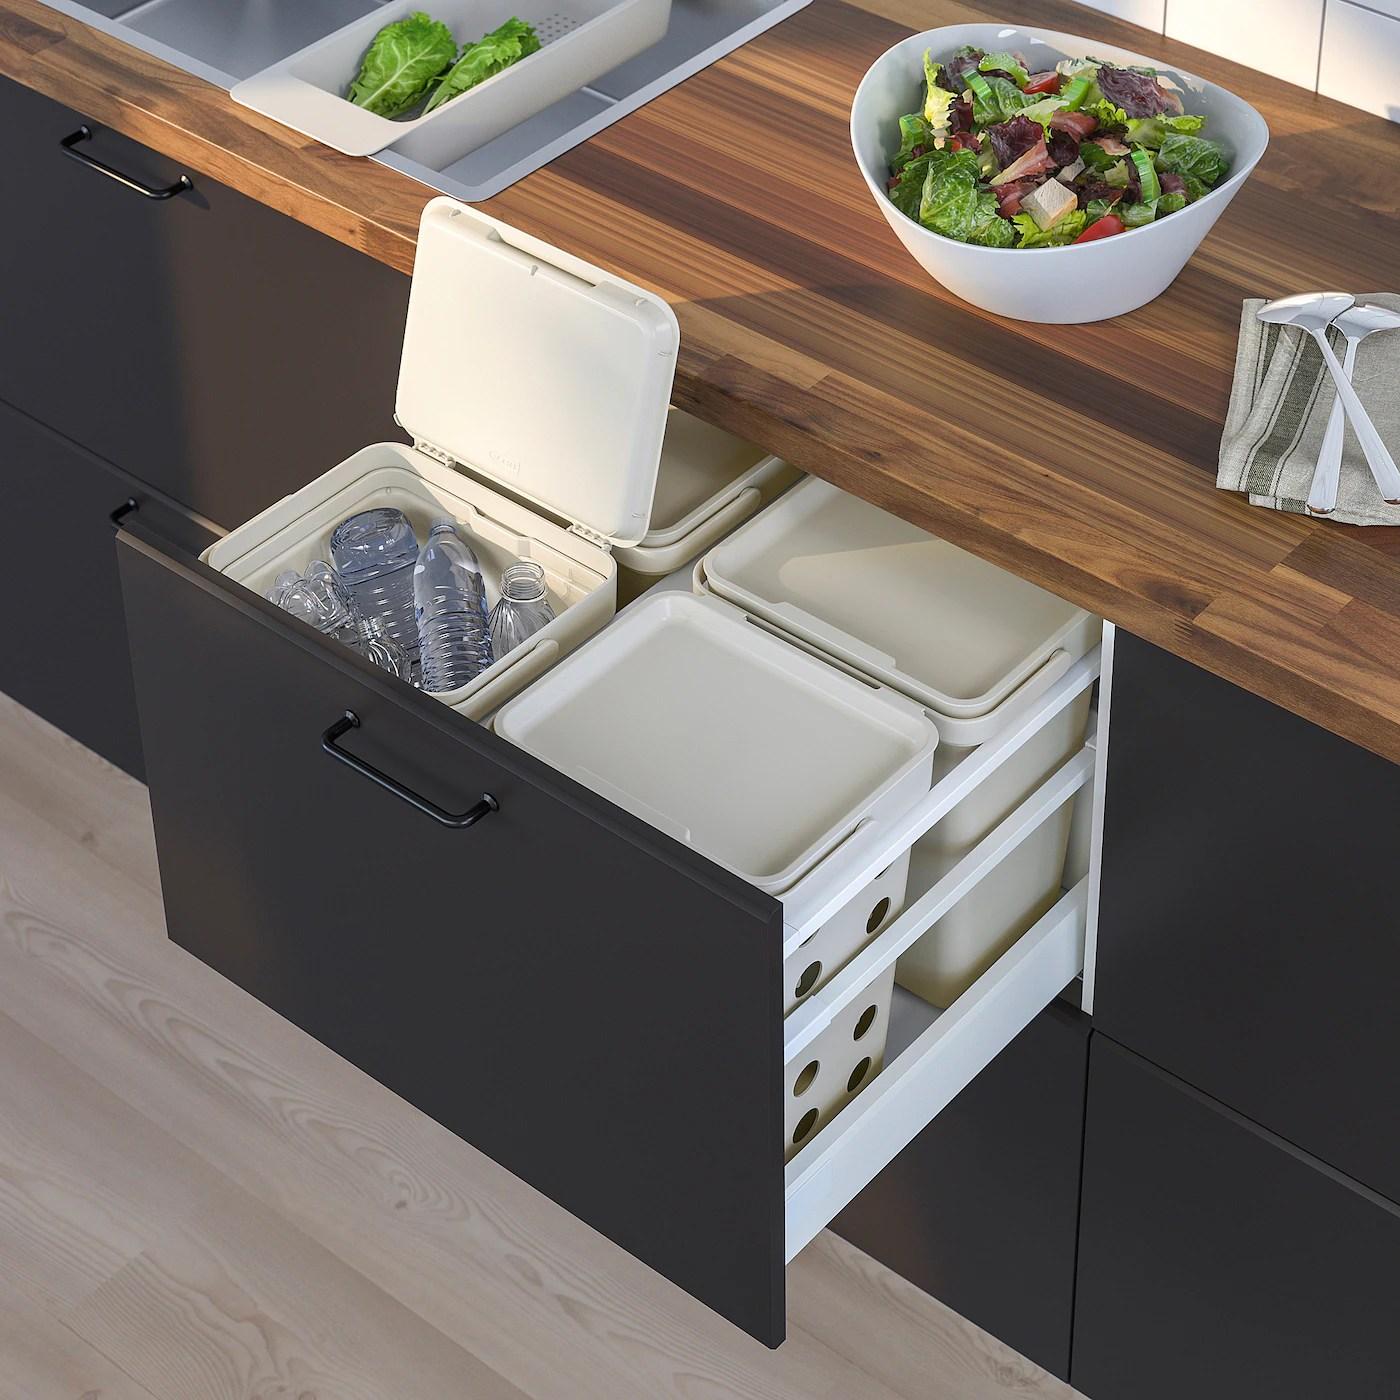 Hallbar Support Pour Poubelle De Tri Blanc 60 Cm Ikea